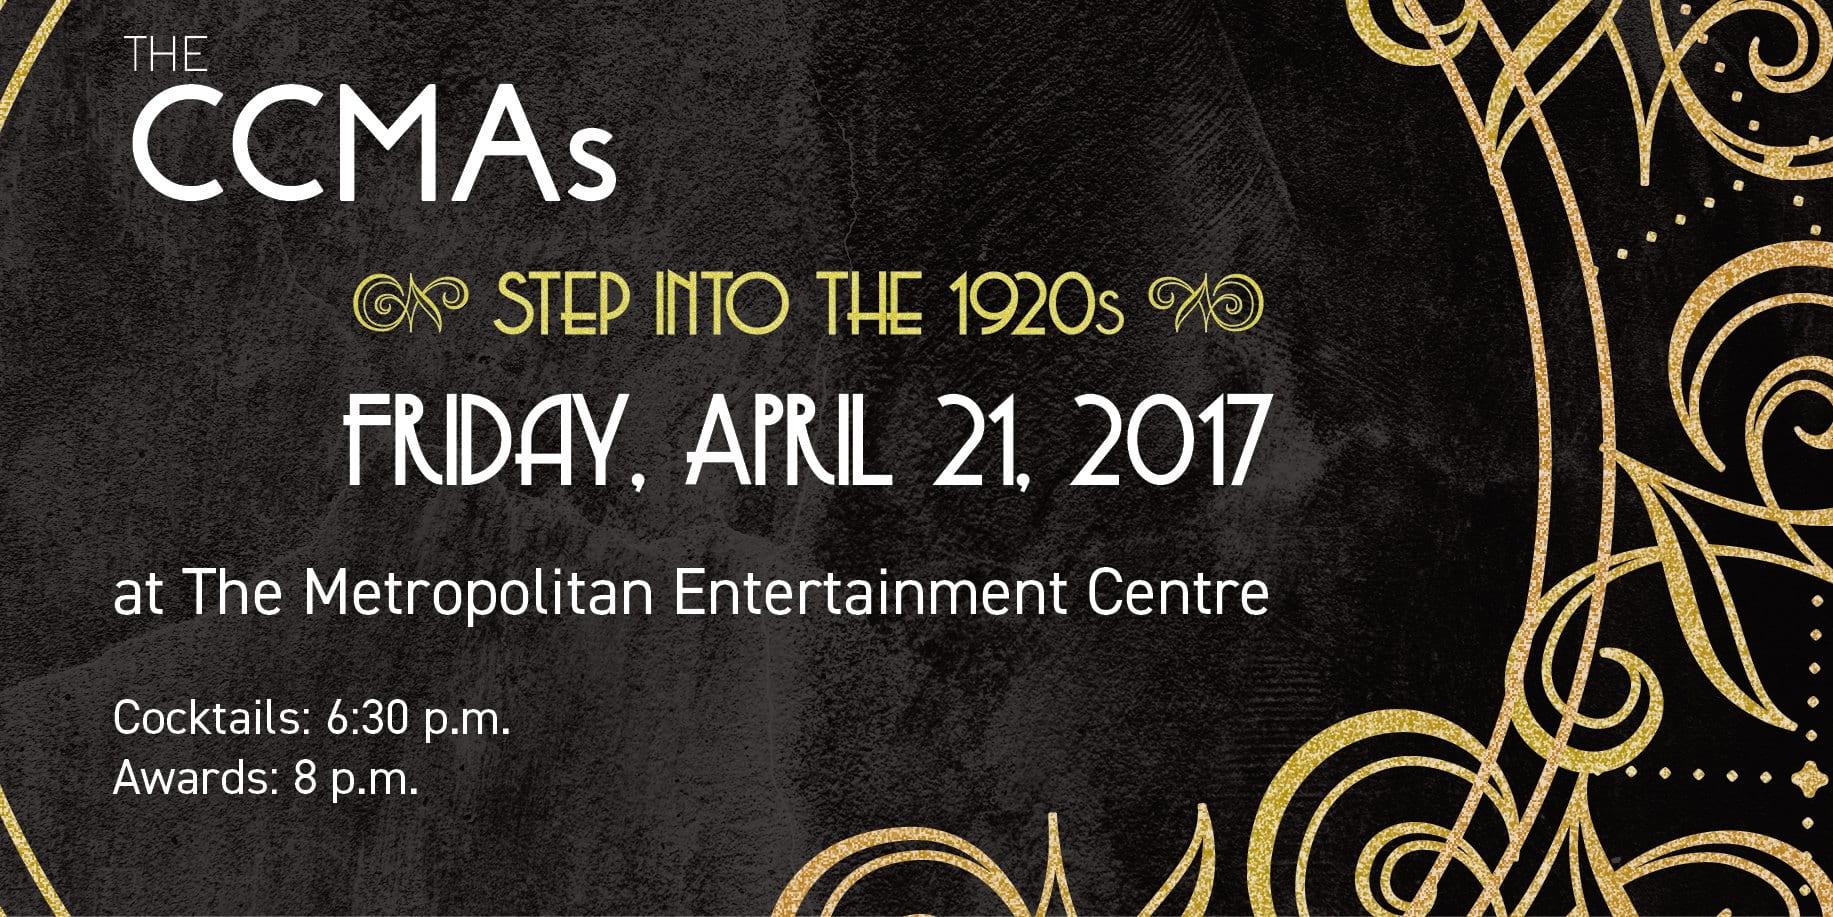 CCMA invitation